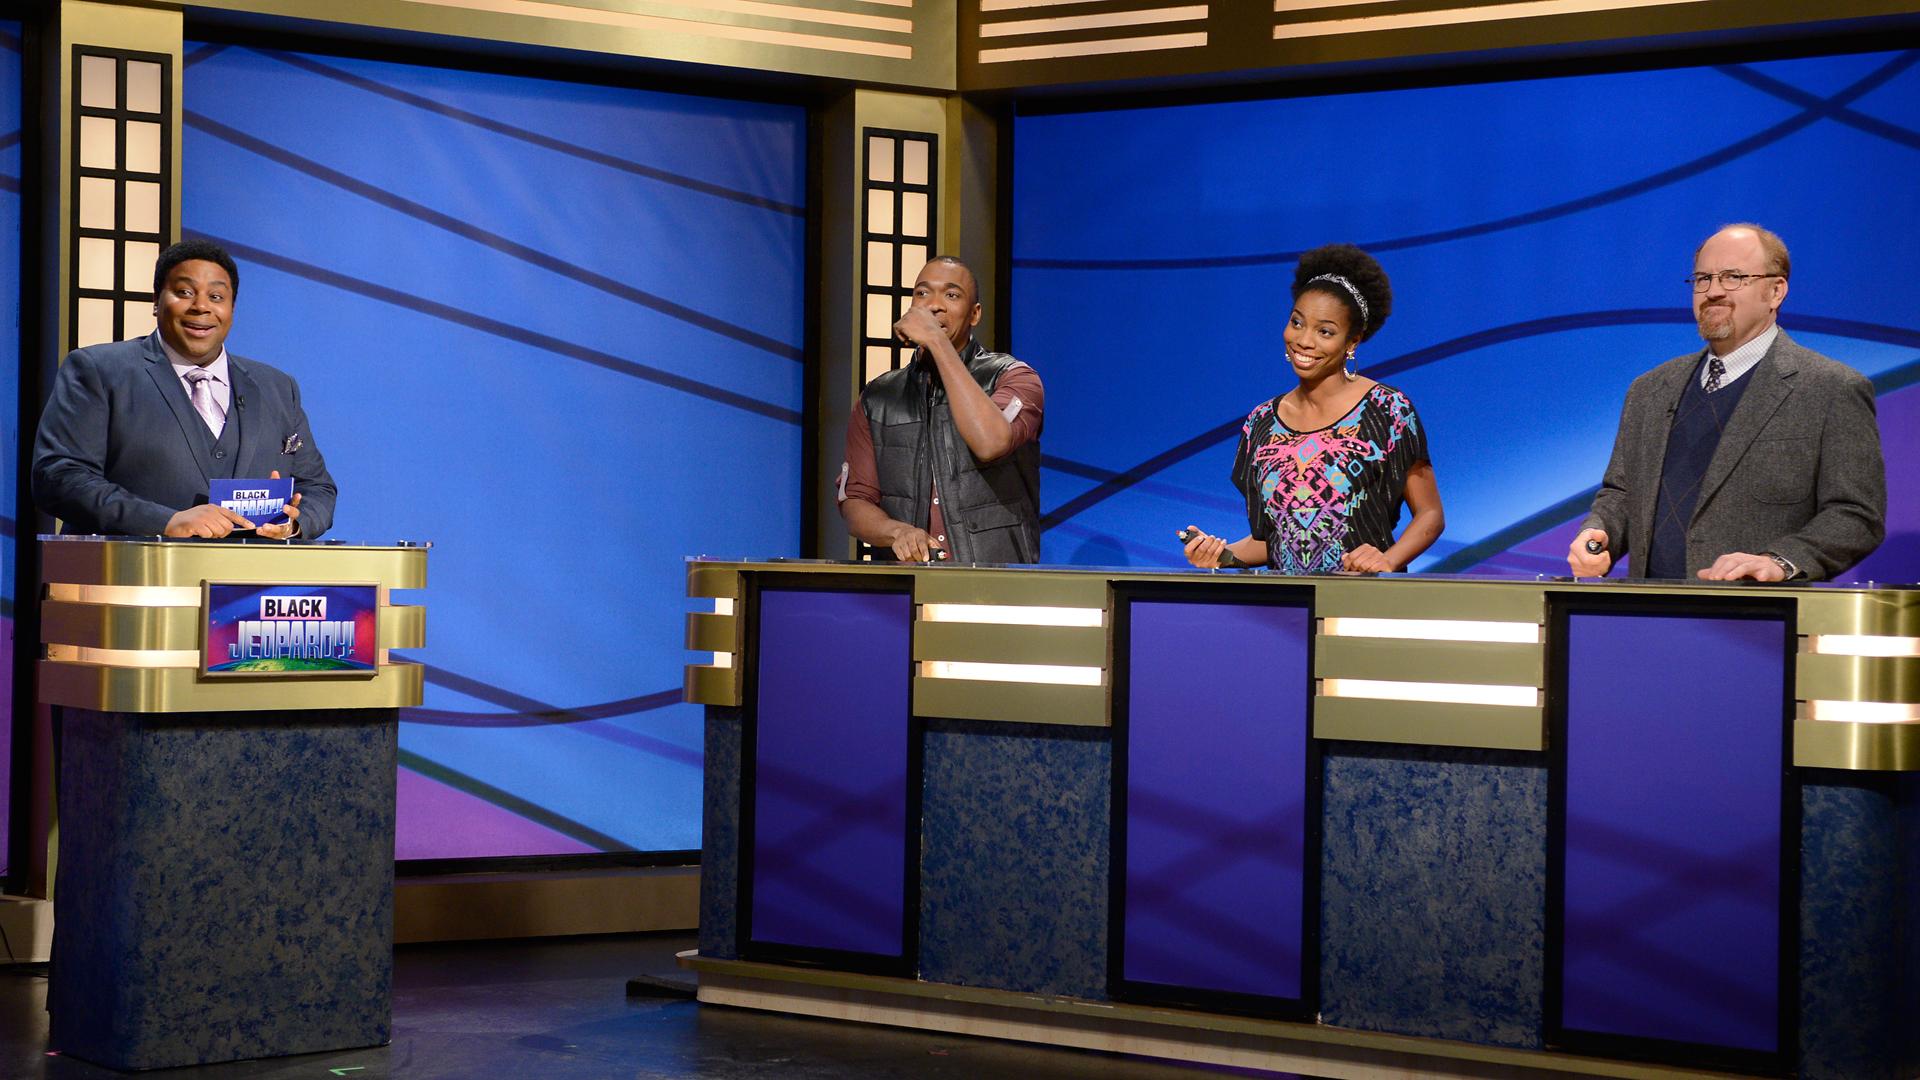 jeopardy online free watch